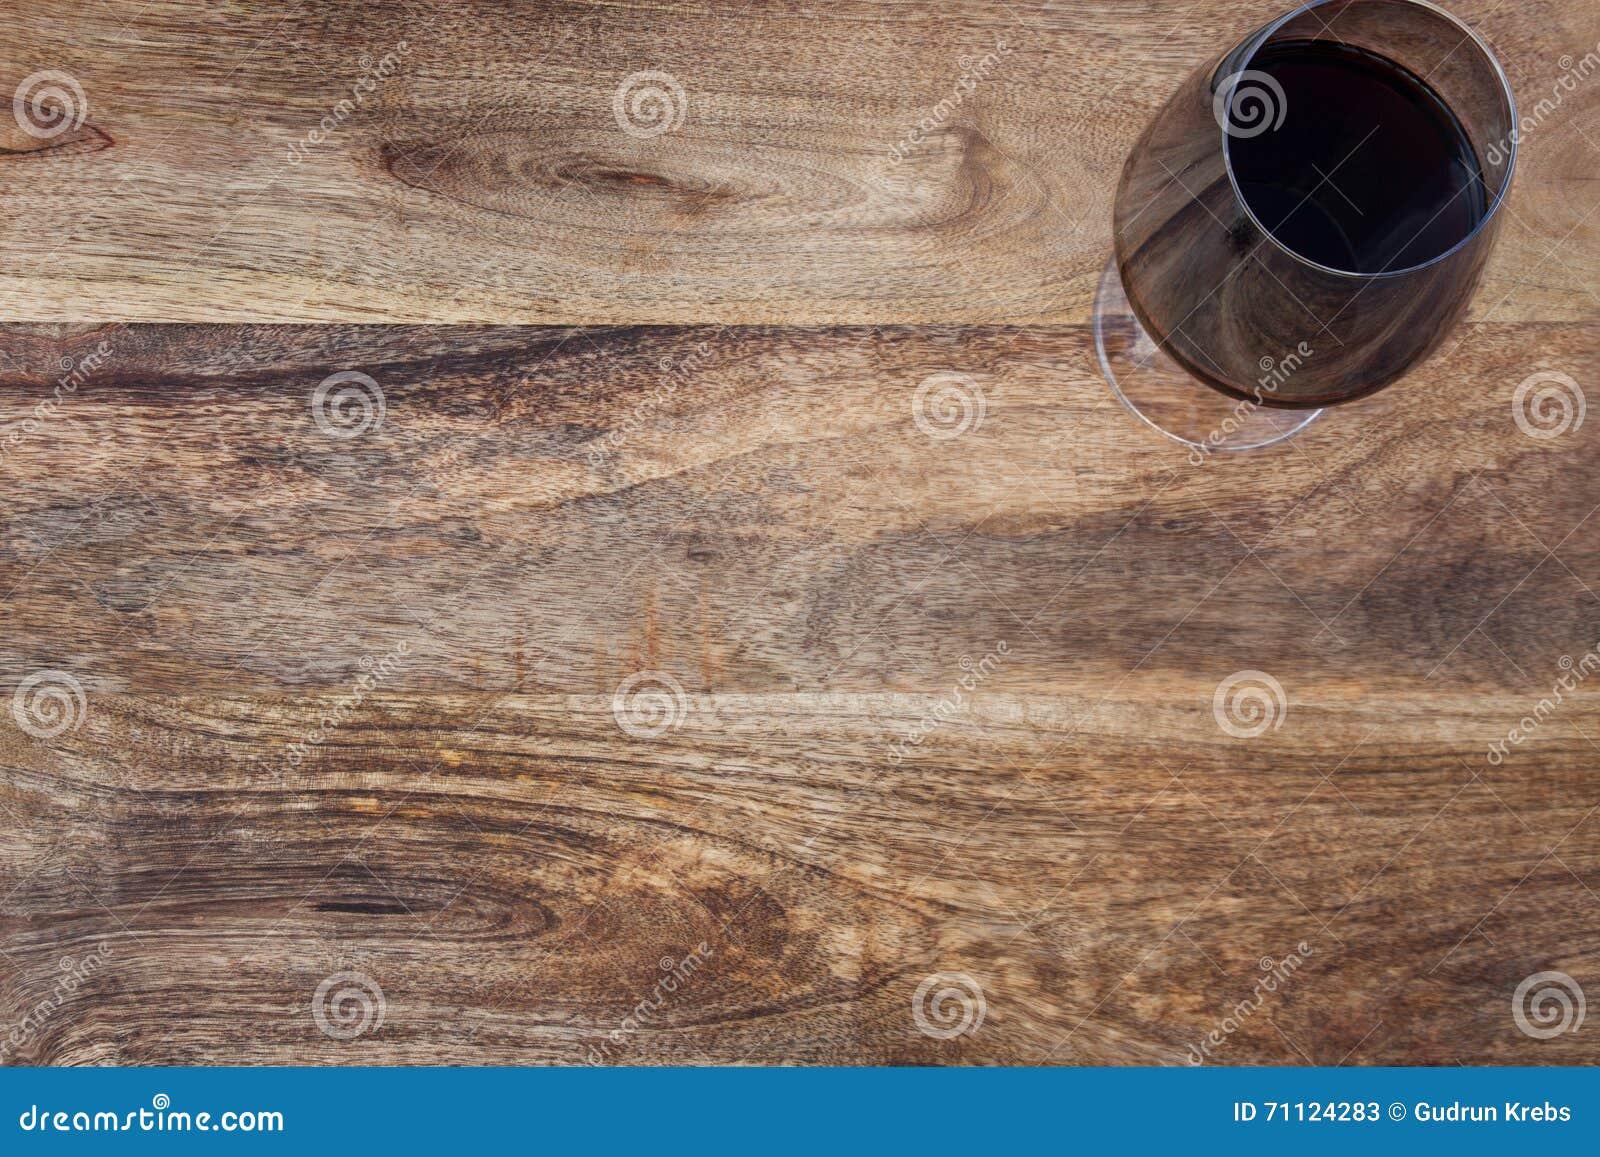 rustikaler holztisch mit glas wein stockbild - bild von schäbig